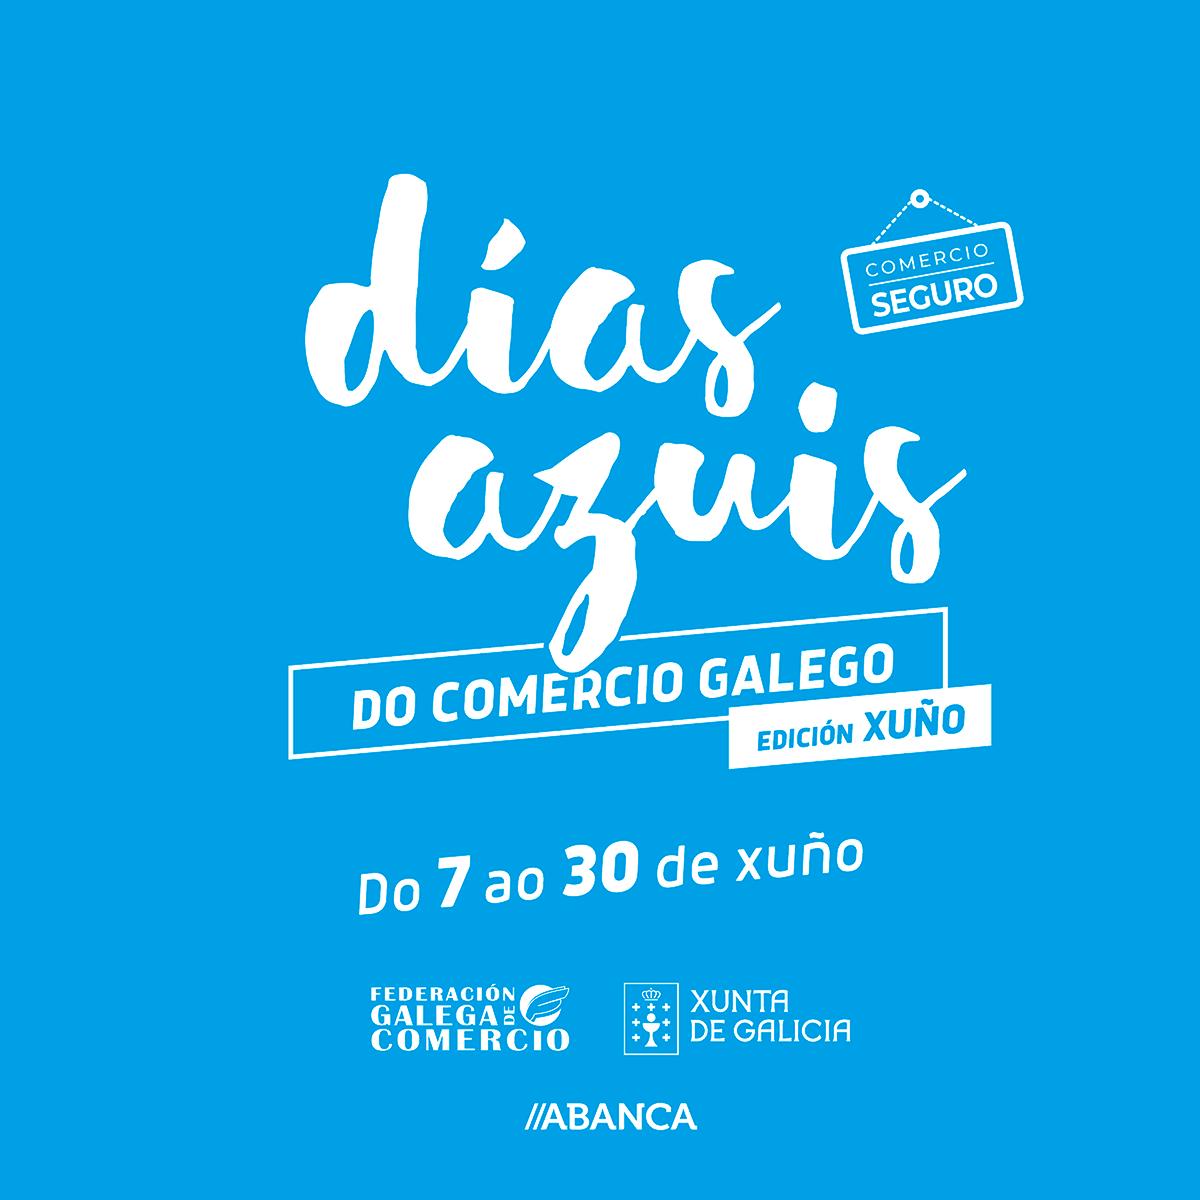 80 negocios asociados a Acisa na nova campaña de Días Azuis